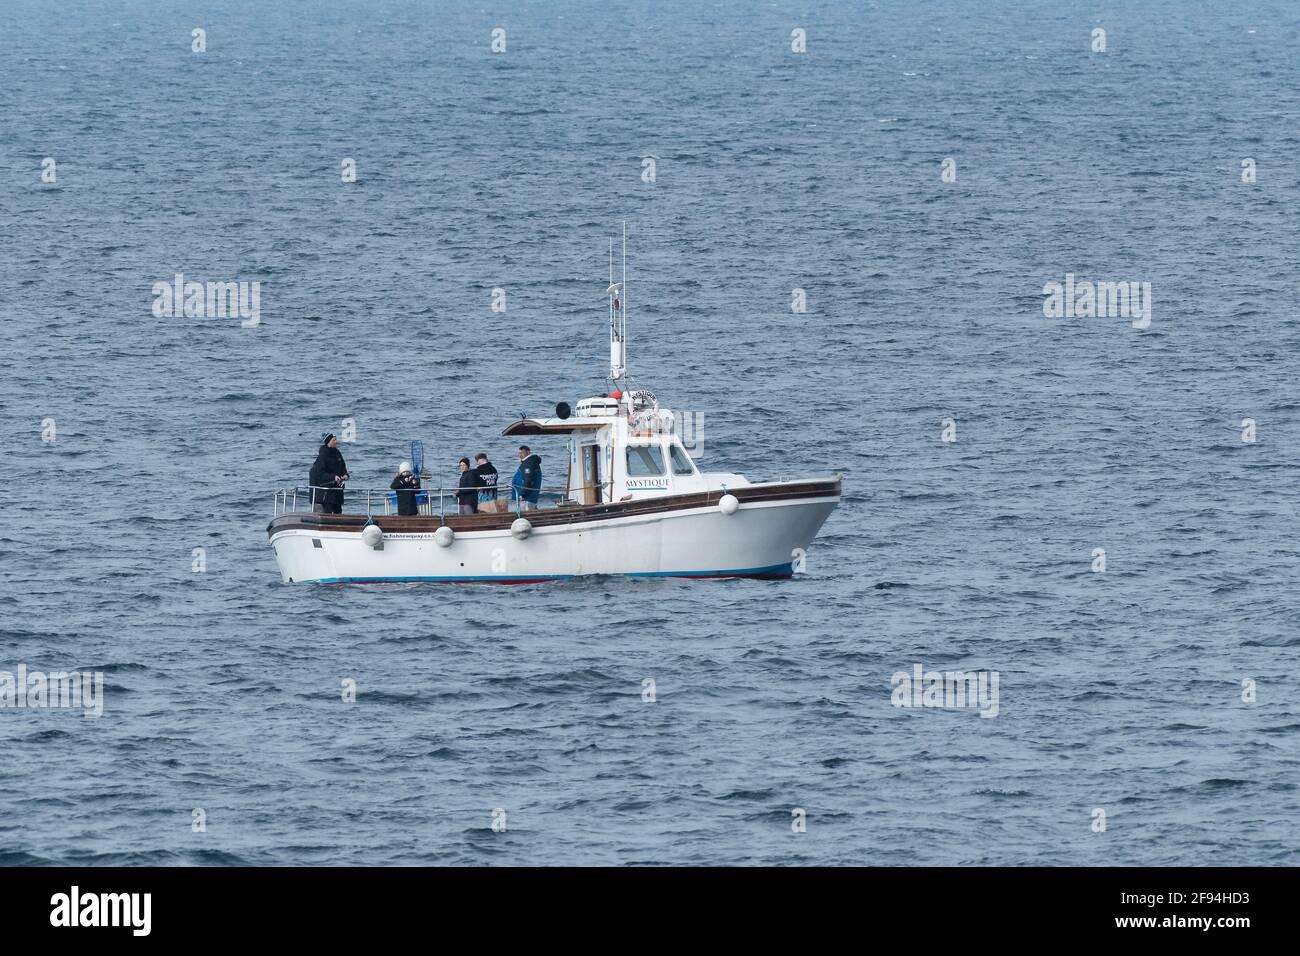 Le bateau de pêche Mystique dans la baie de Newquay sur la côte nord de Cornwall. Banque D'Images